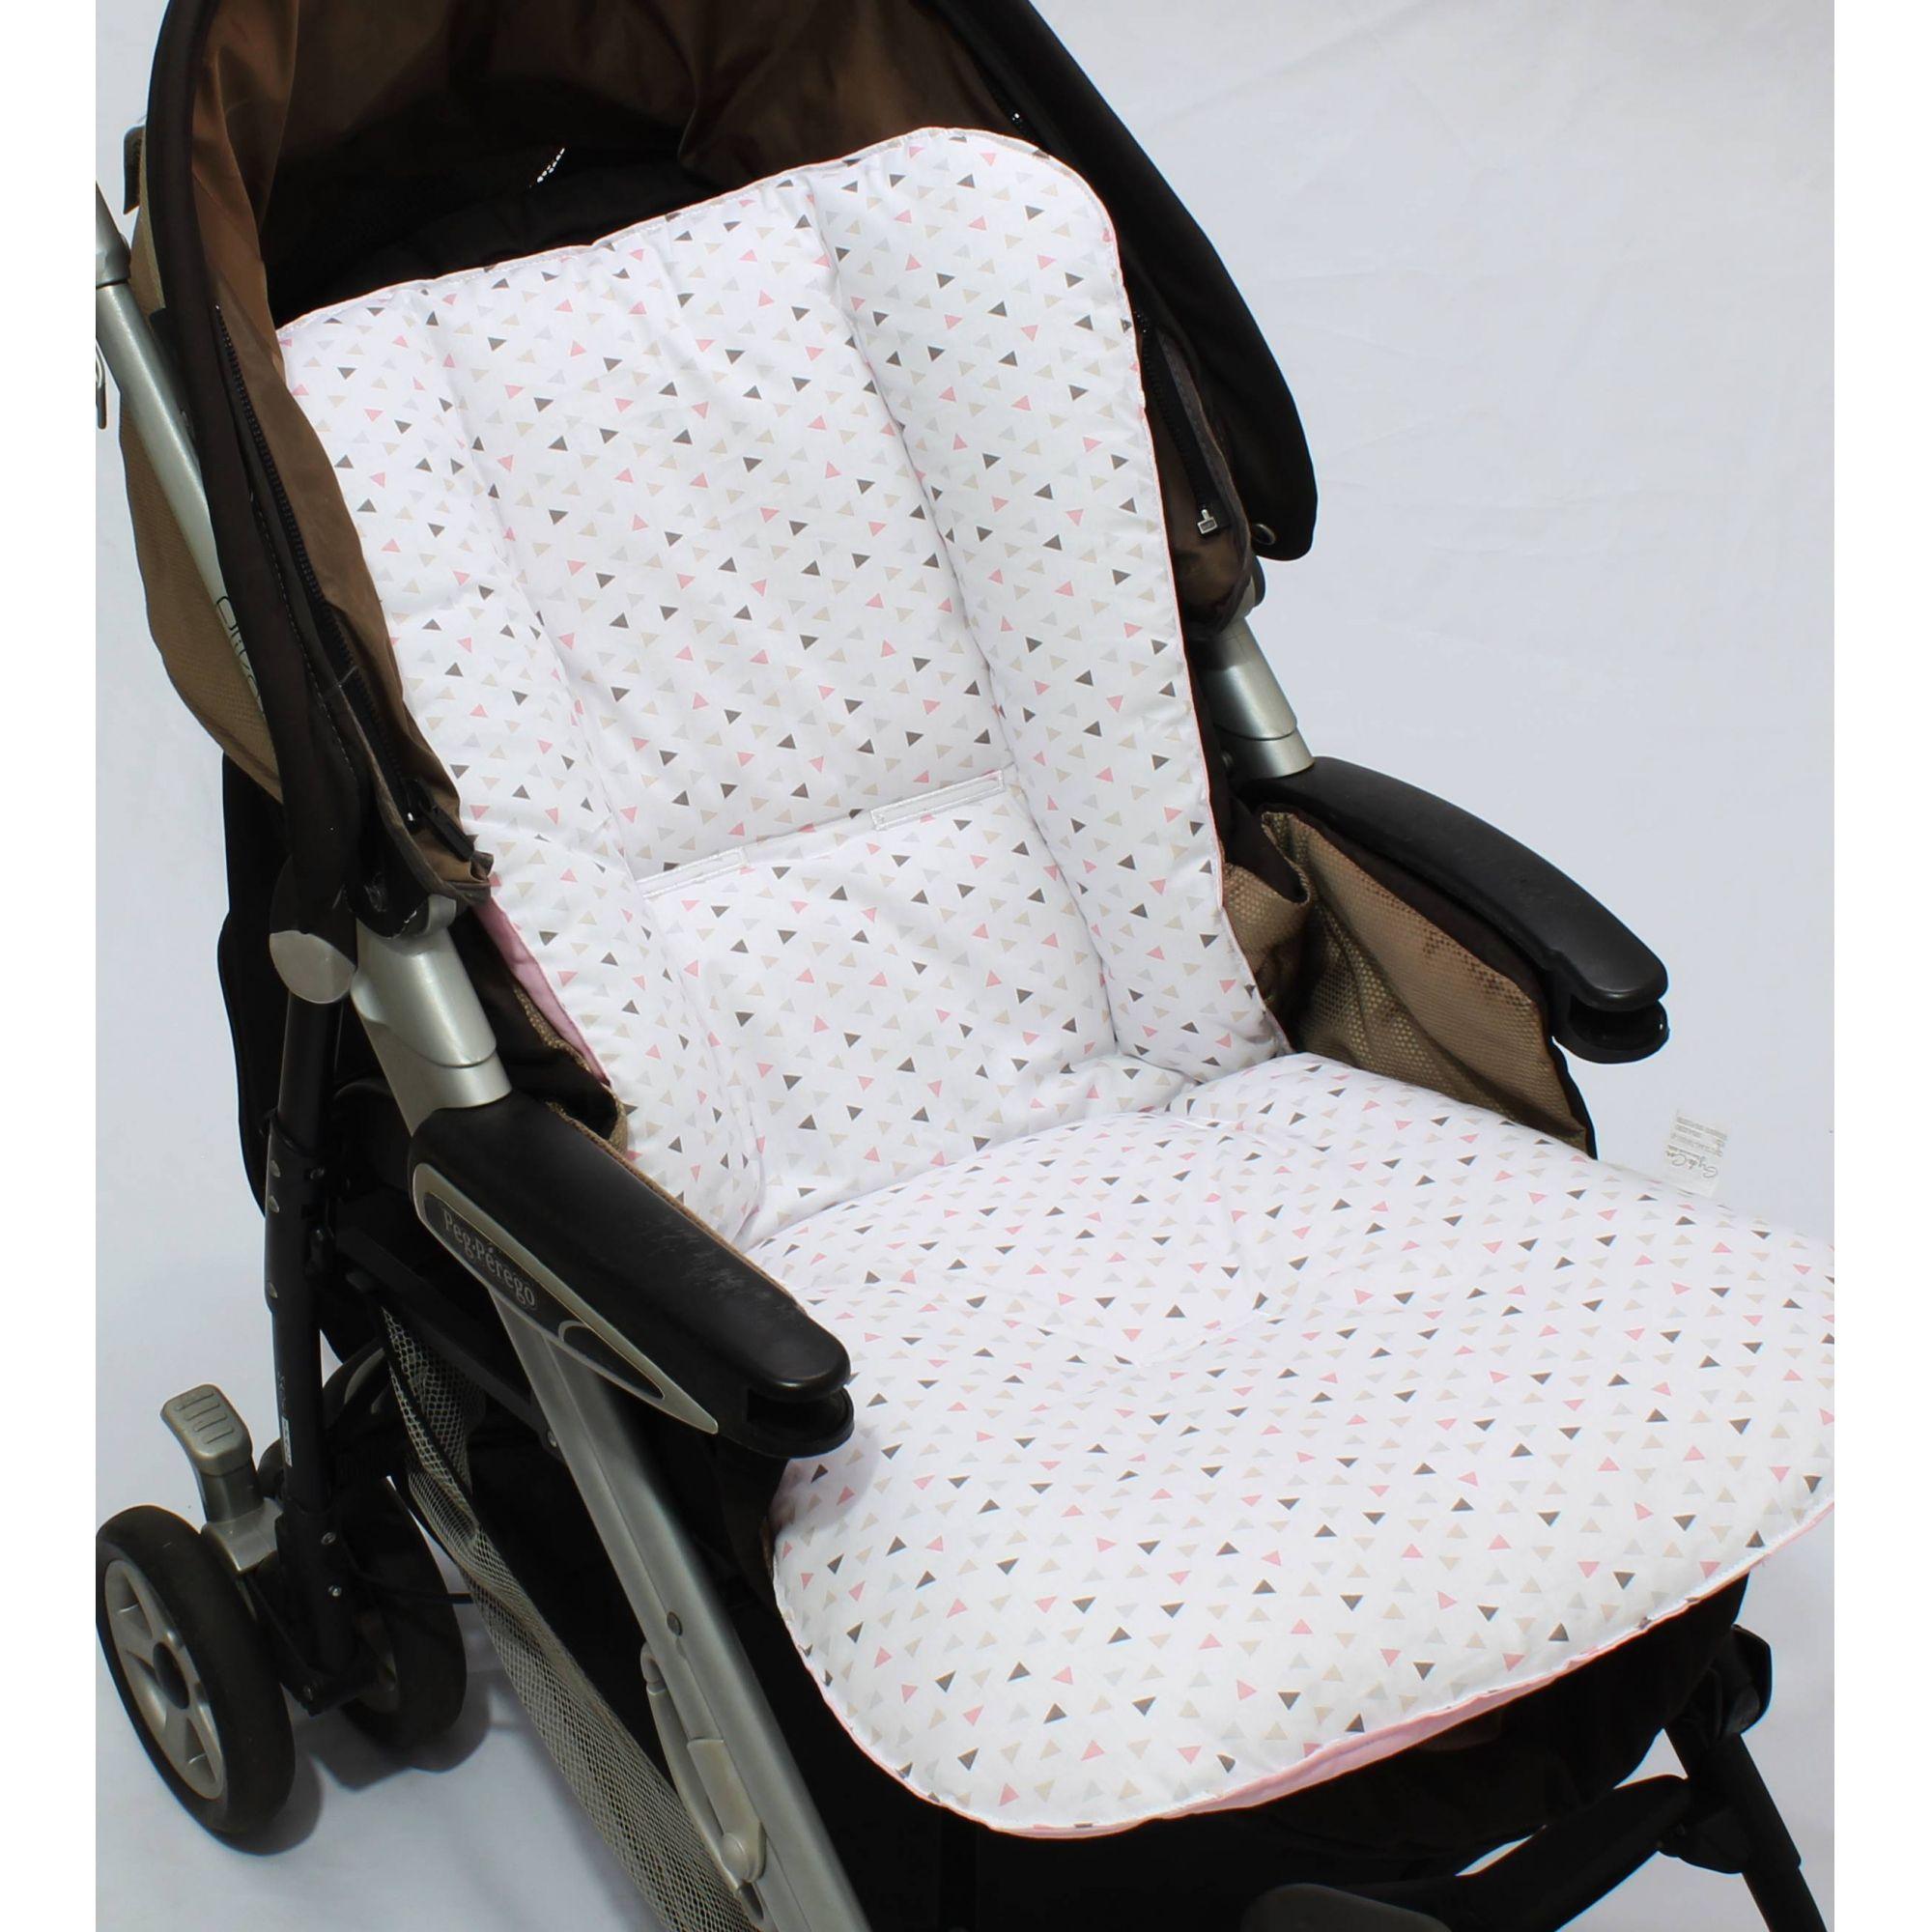 Capa de Carrinho Dupla Face Triângulo Branco com Rosa  - Toca do Bebê